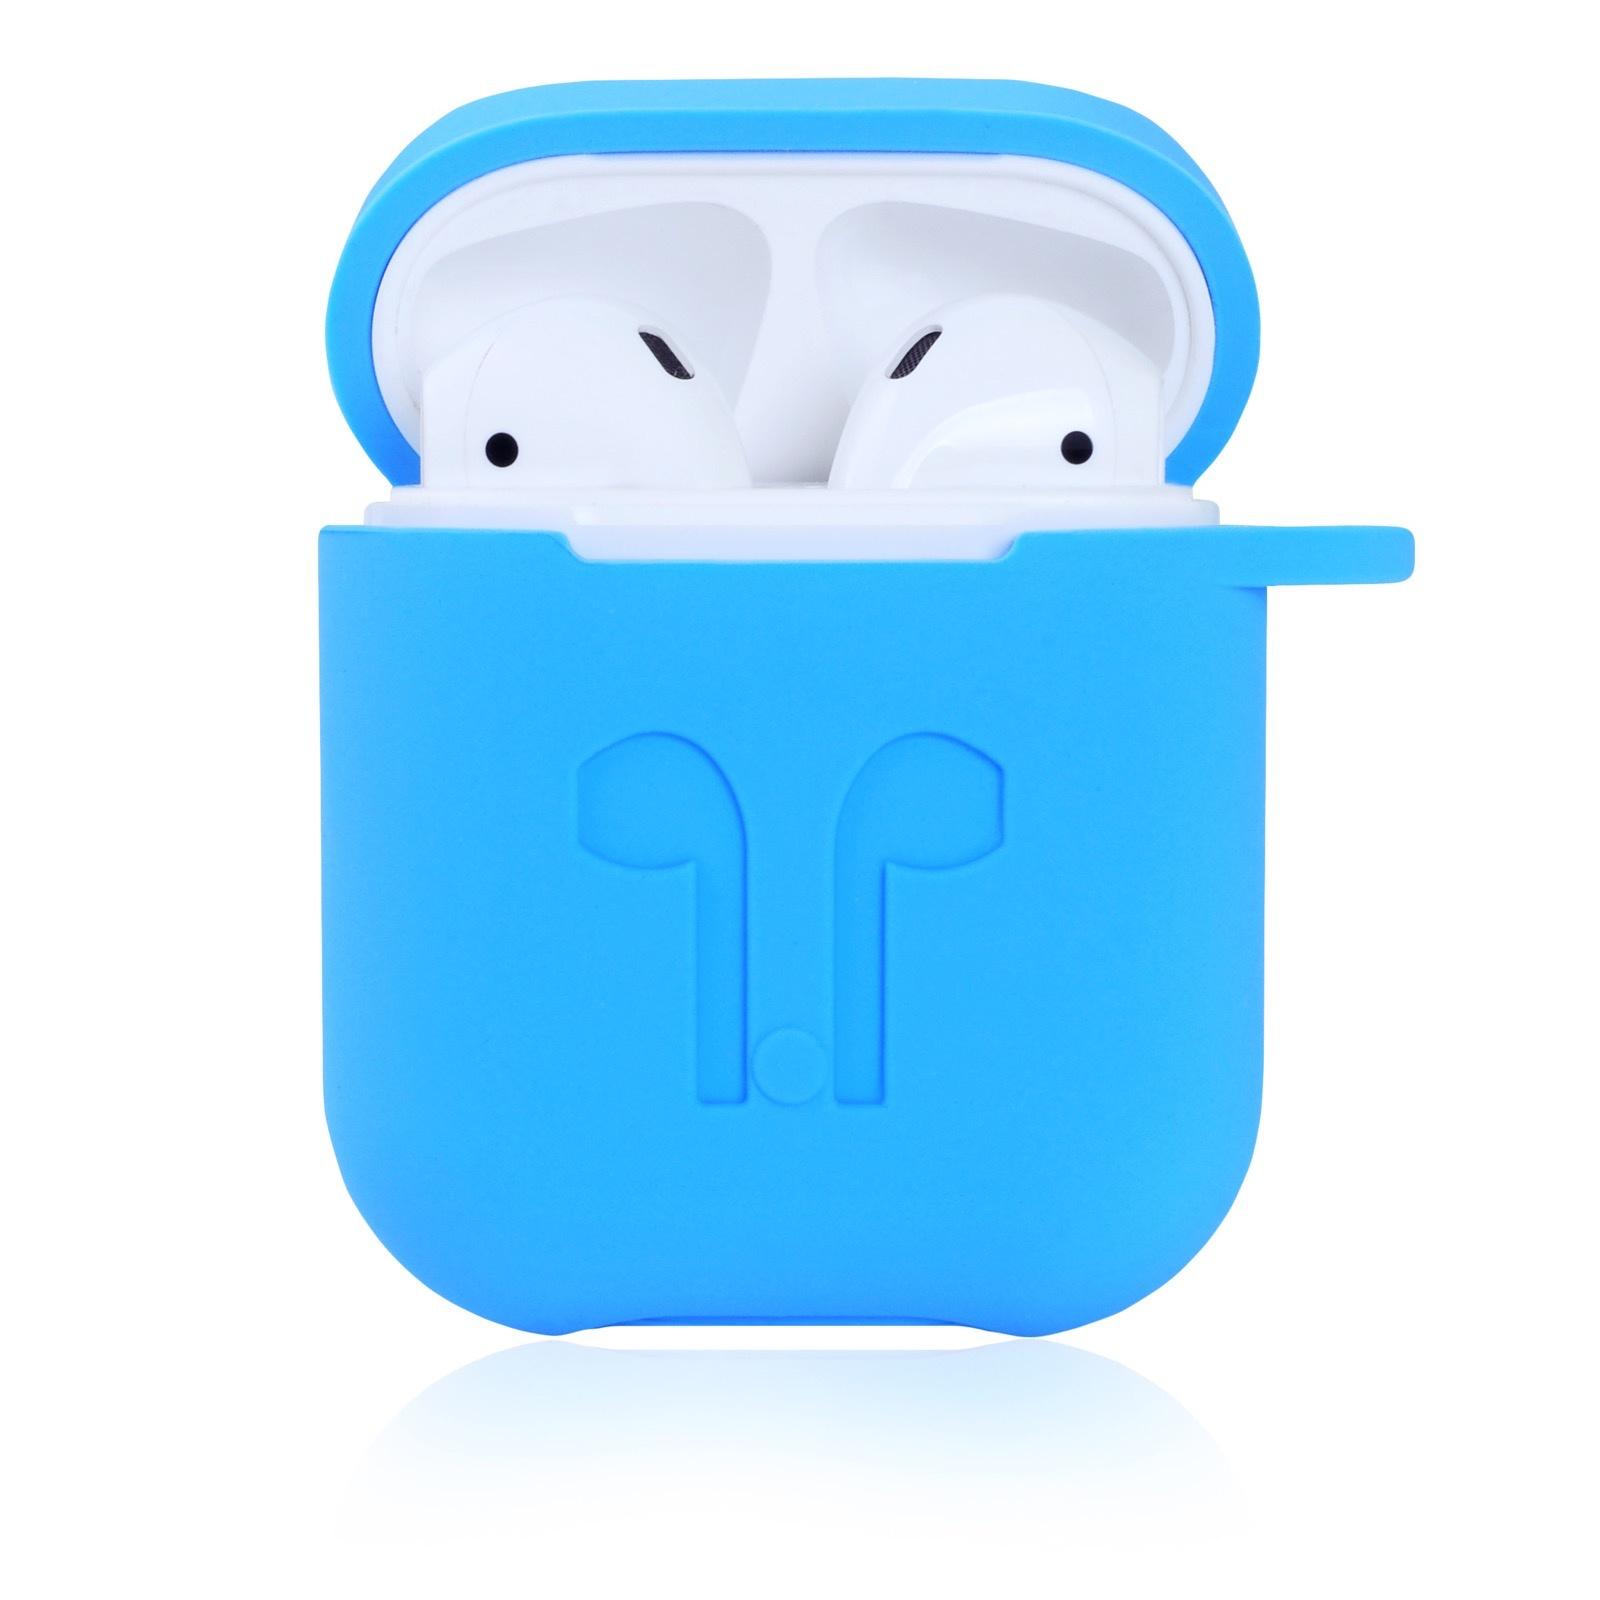 Чехол для наушников Gurdini Soft Touch силиконовый 906703 для Airpods, голубой